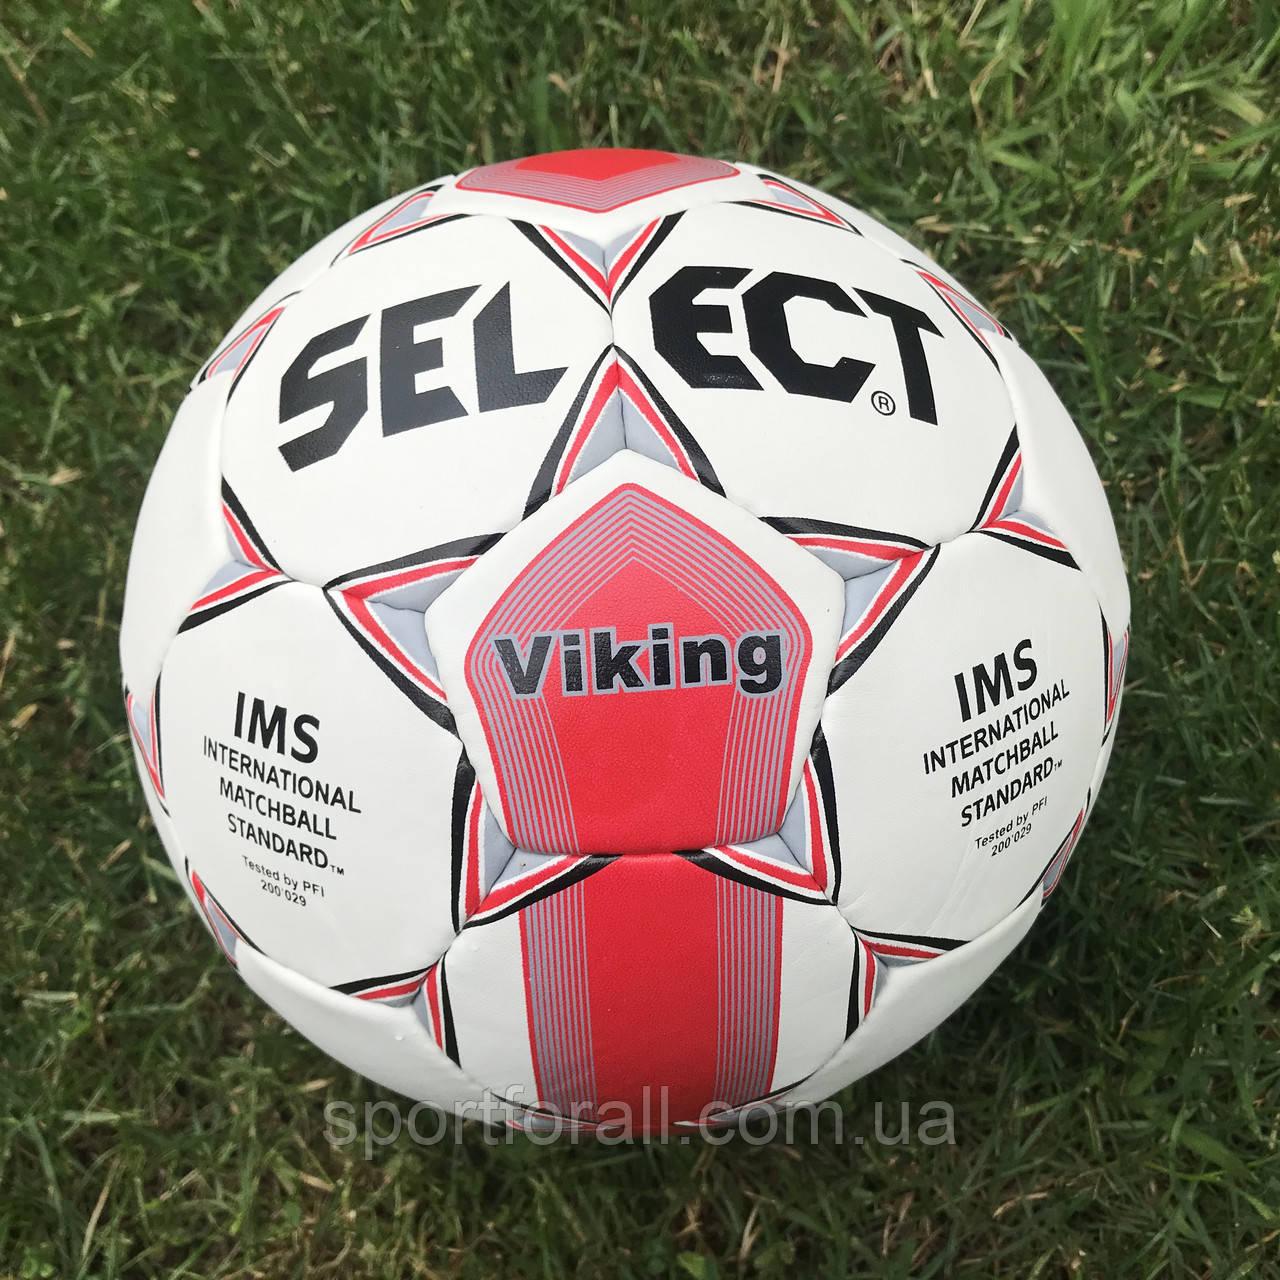 М'яч футбольний SELECT VIKING IMS №5 200-029 (червоний)